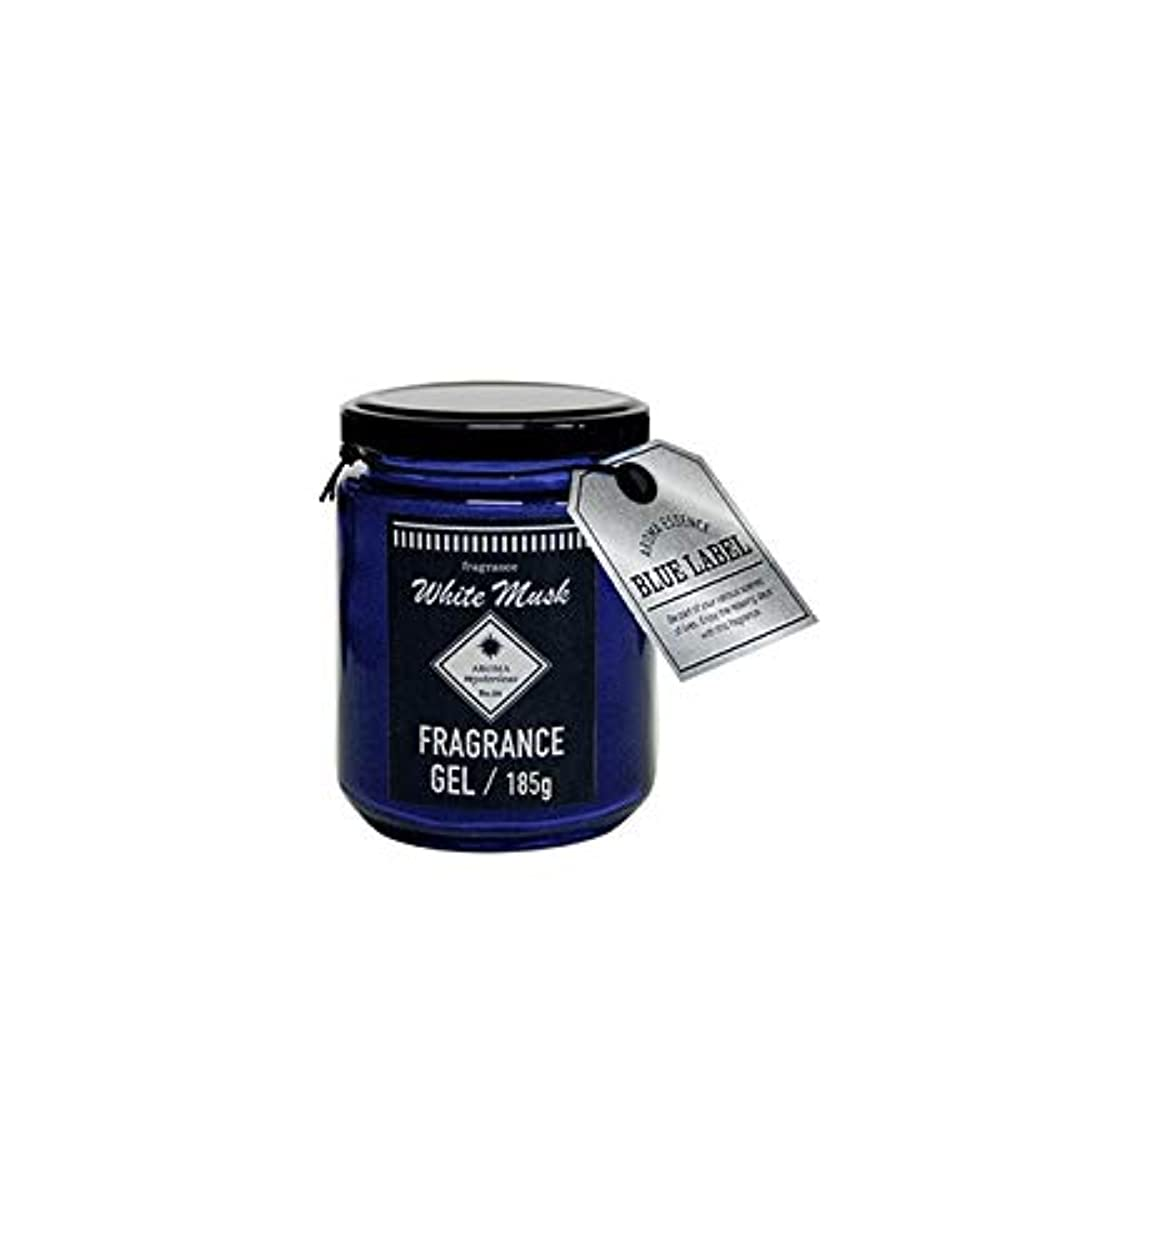 迅速突然提供アロマエッセンスブルーラベル フレグランスジェル185g ホワイトムスク(消臭除菌 日本製 誰もが好む香り)